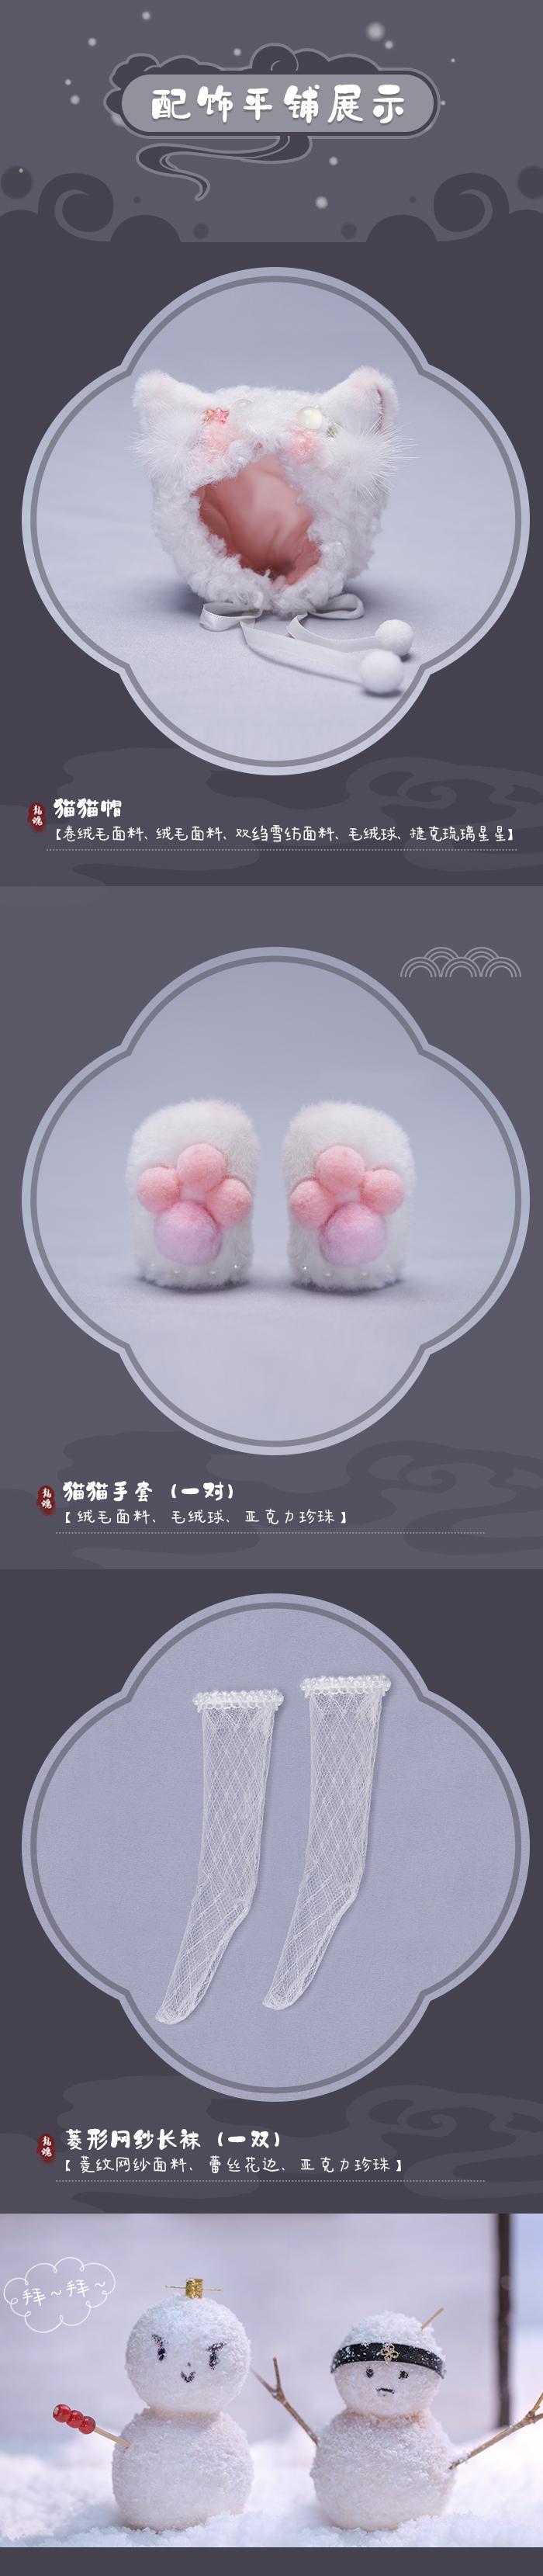 雪团子平铺_03.jpg